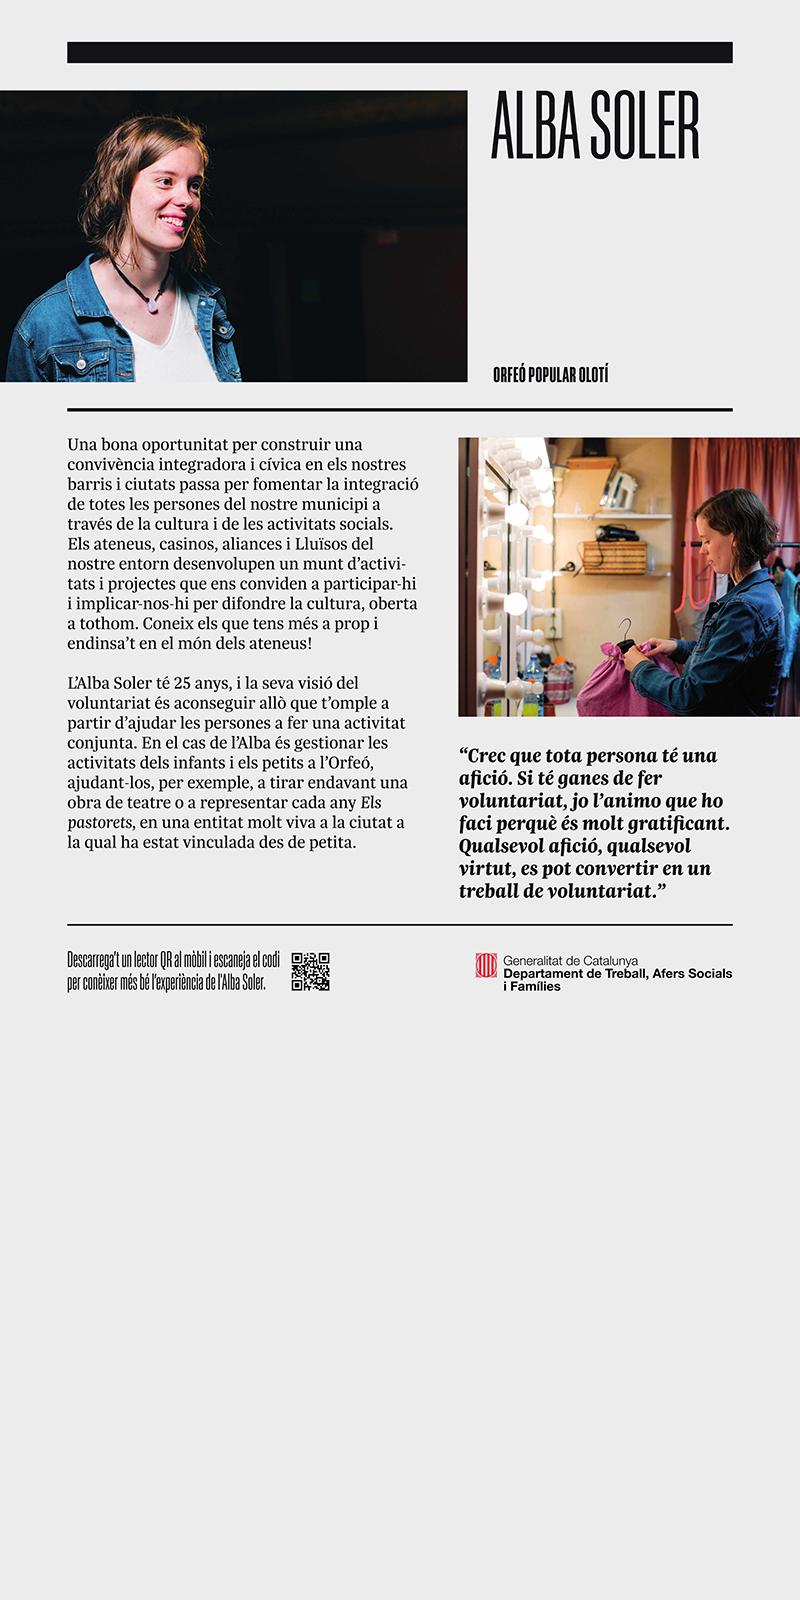 12-Alba-Soler-Orfeó-Popular-Olotí